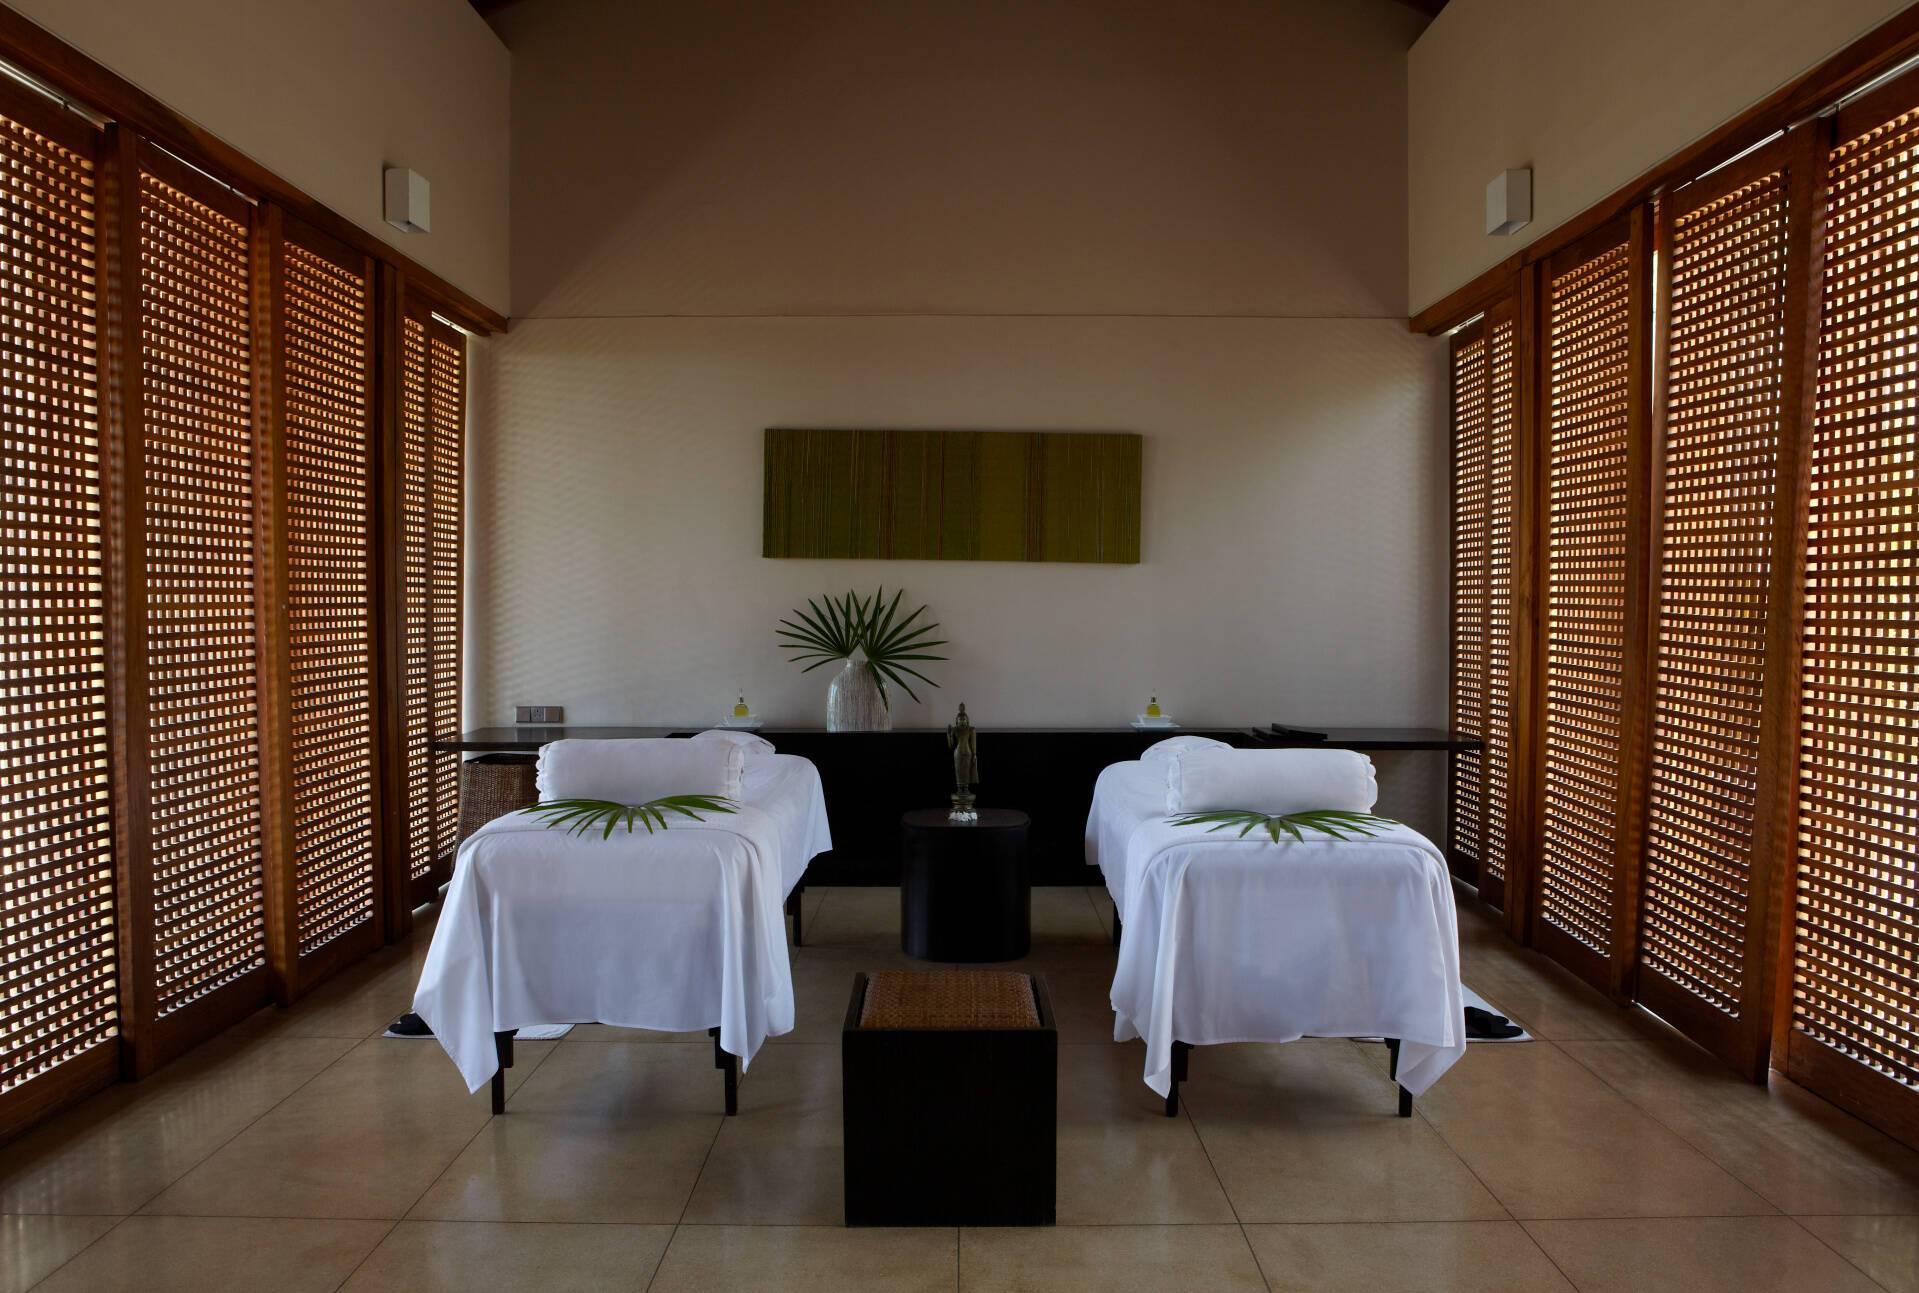 Amanwella Sri Lanka Spa